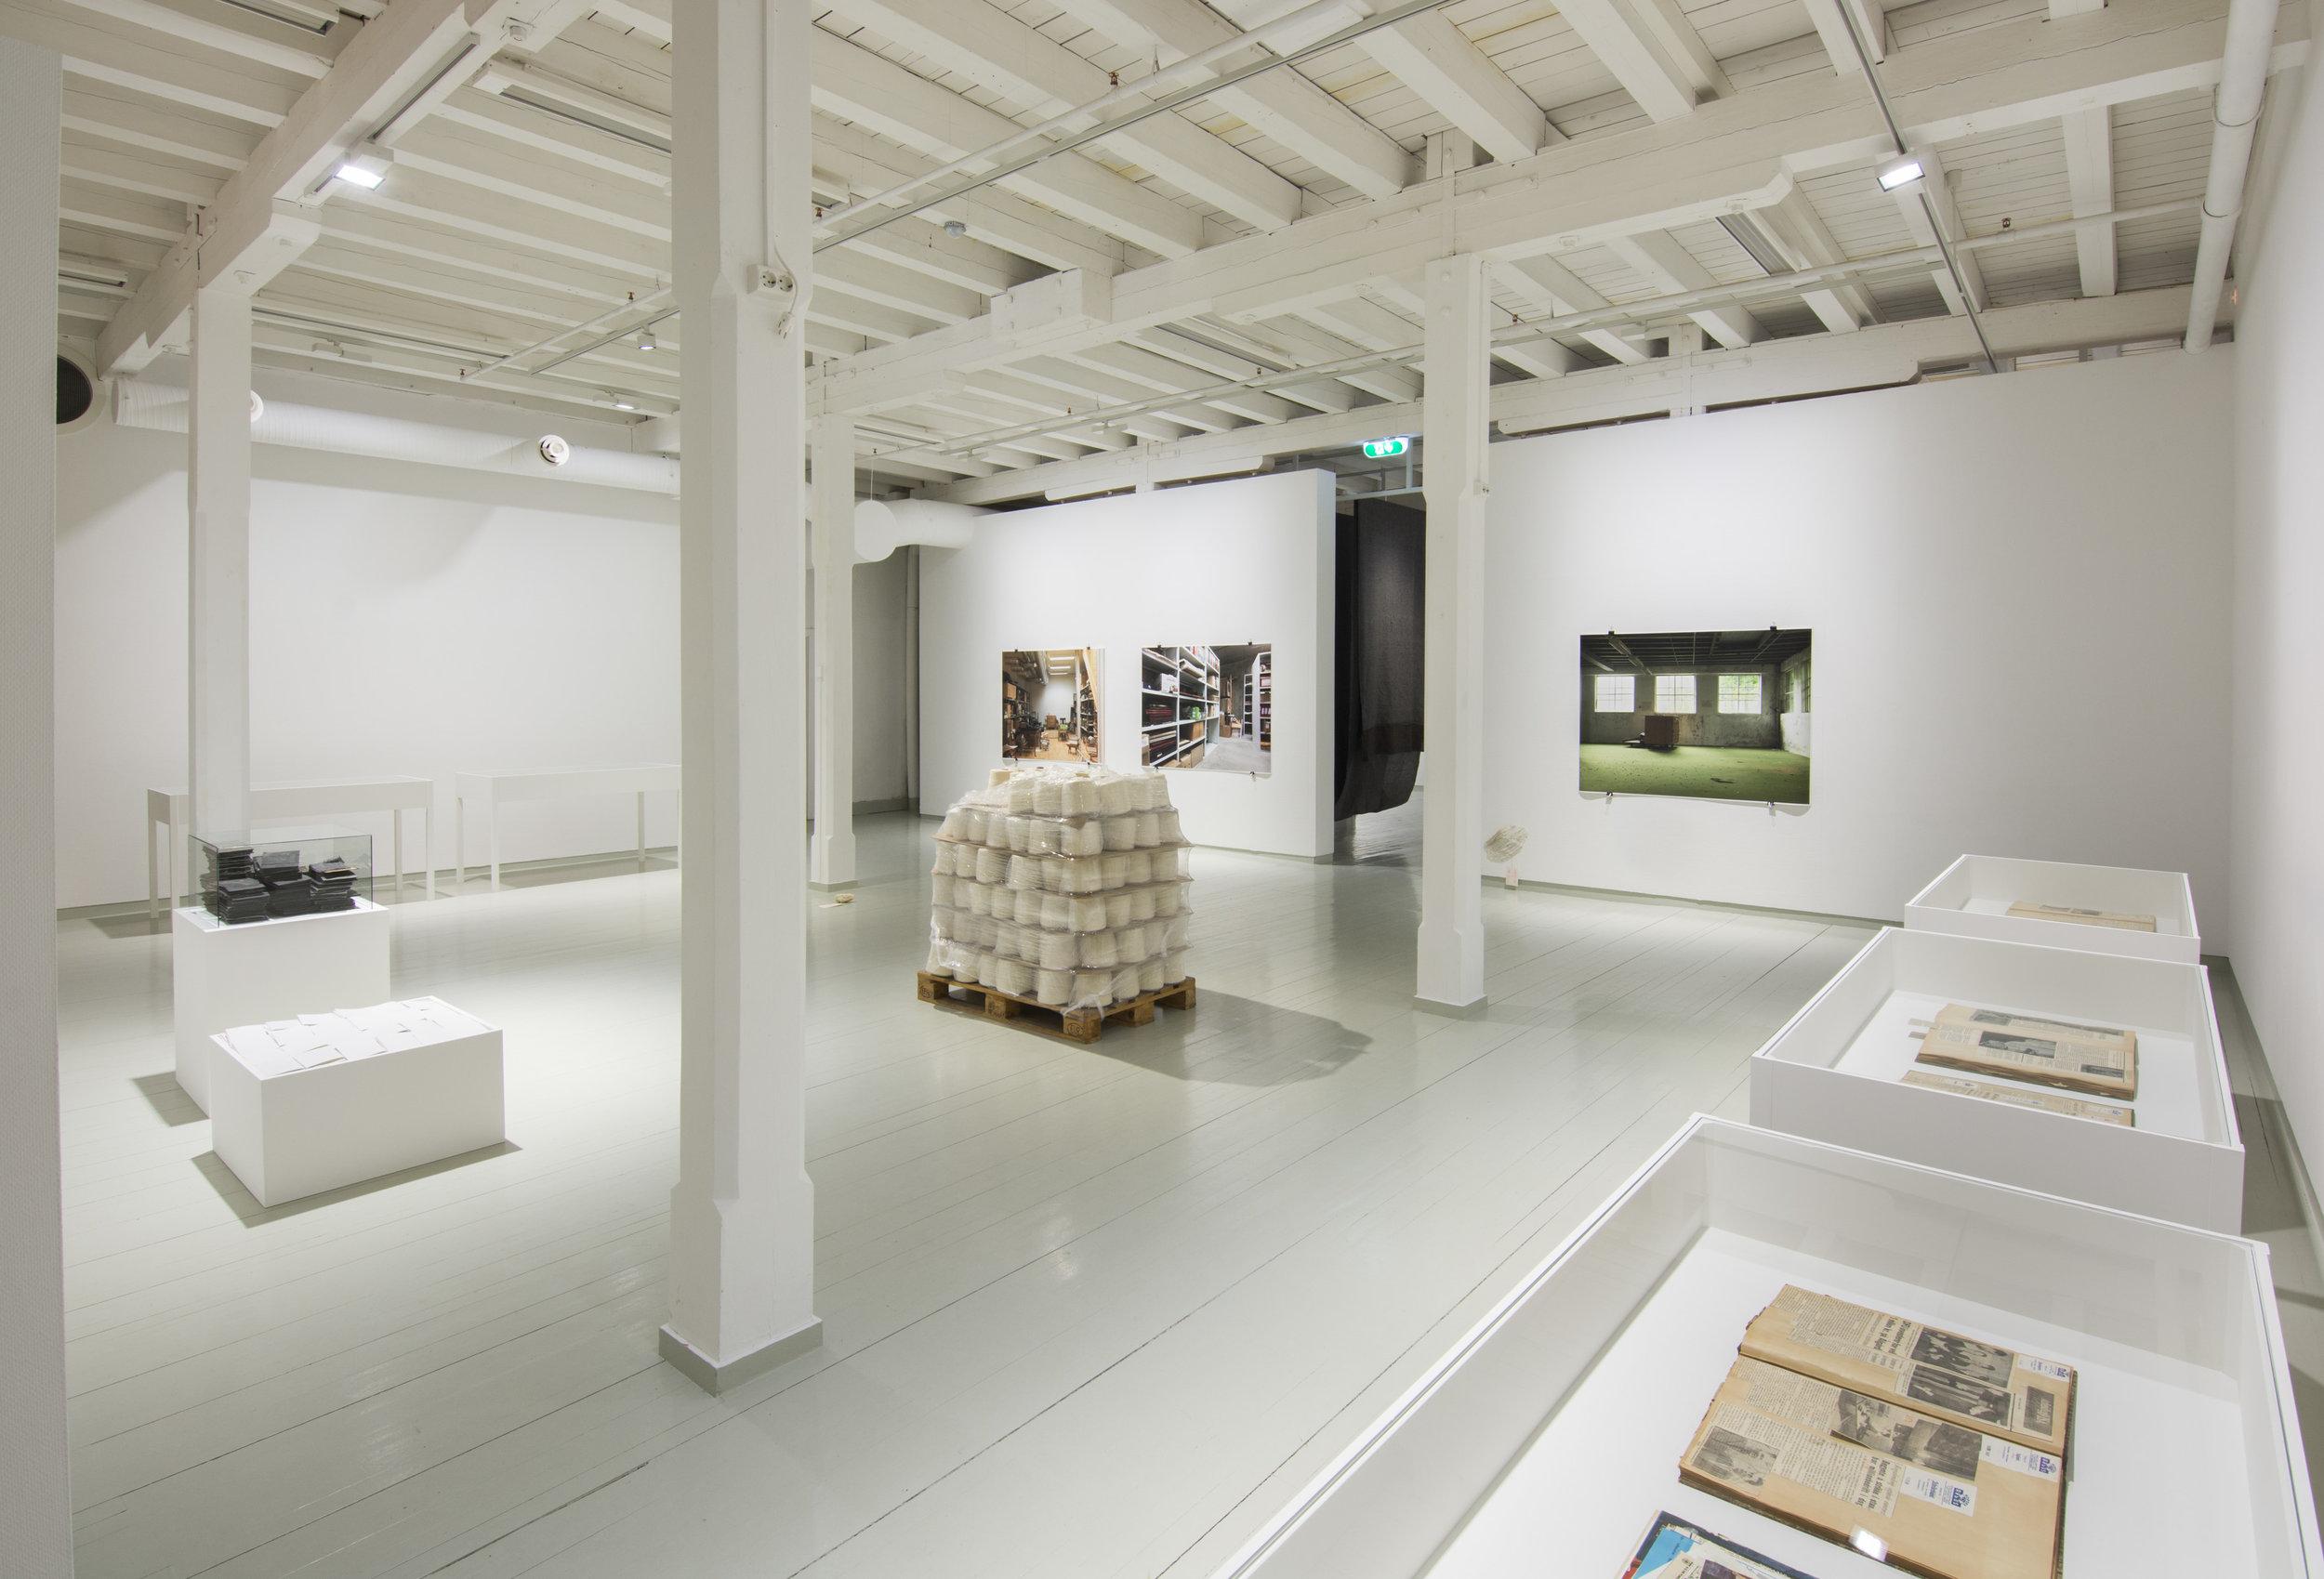 Installasjonsfoto av Aktiv Materie. Foto: Harald Solberg